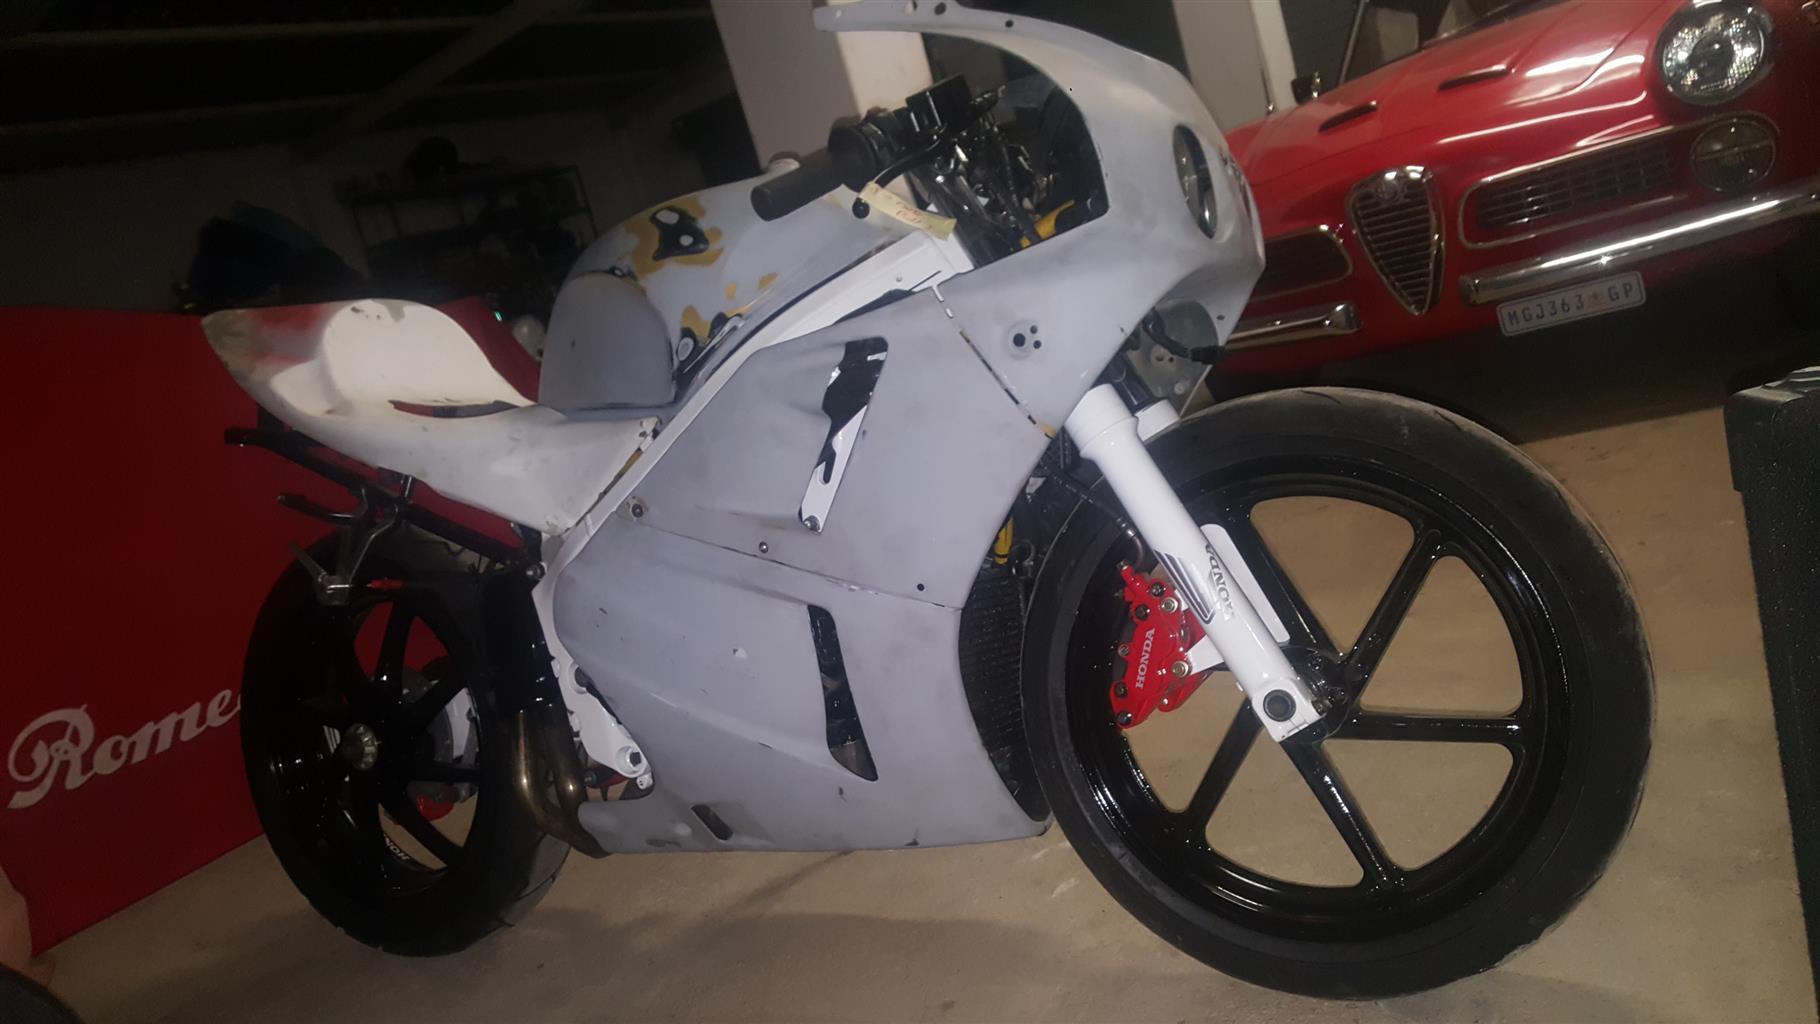 Honda vfr nc30,nc24,nc35 fairing kit